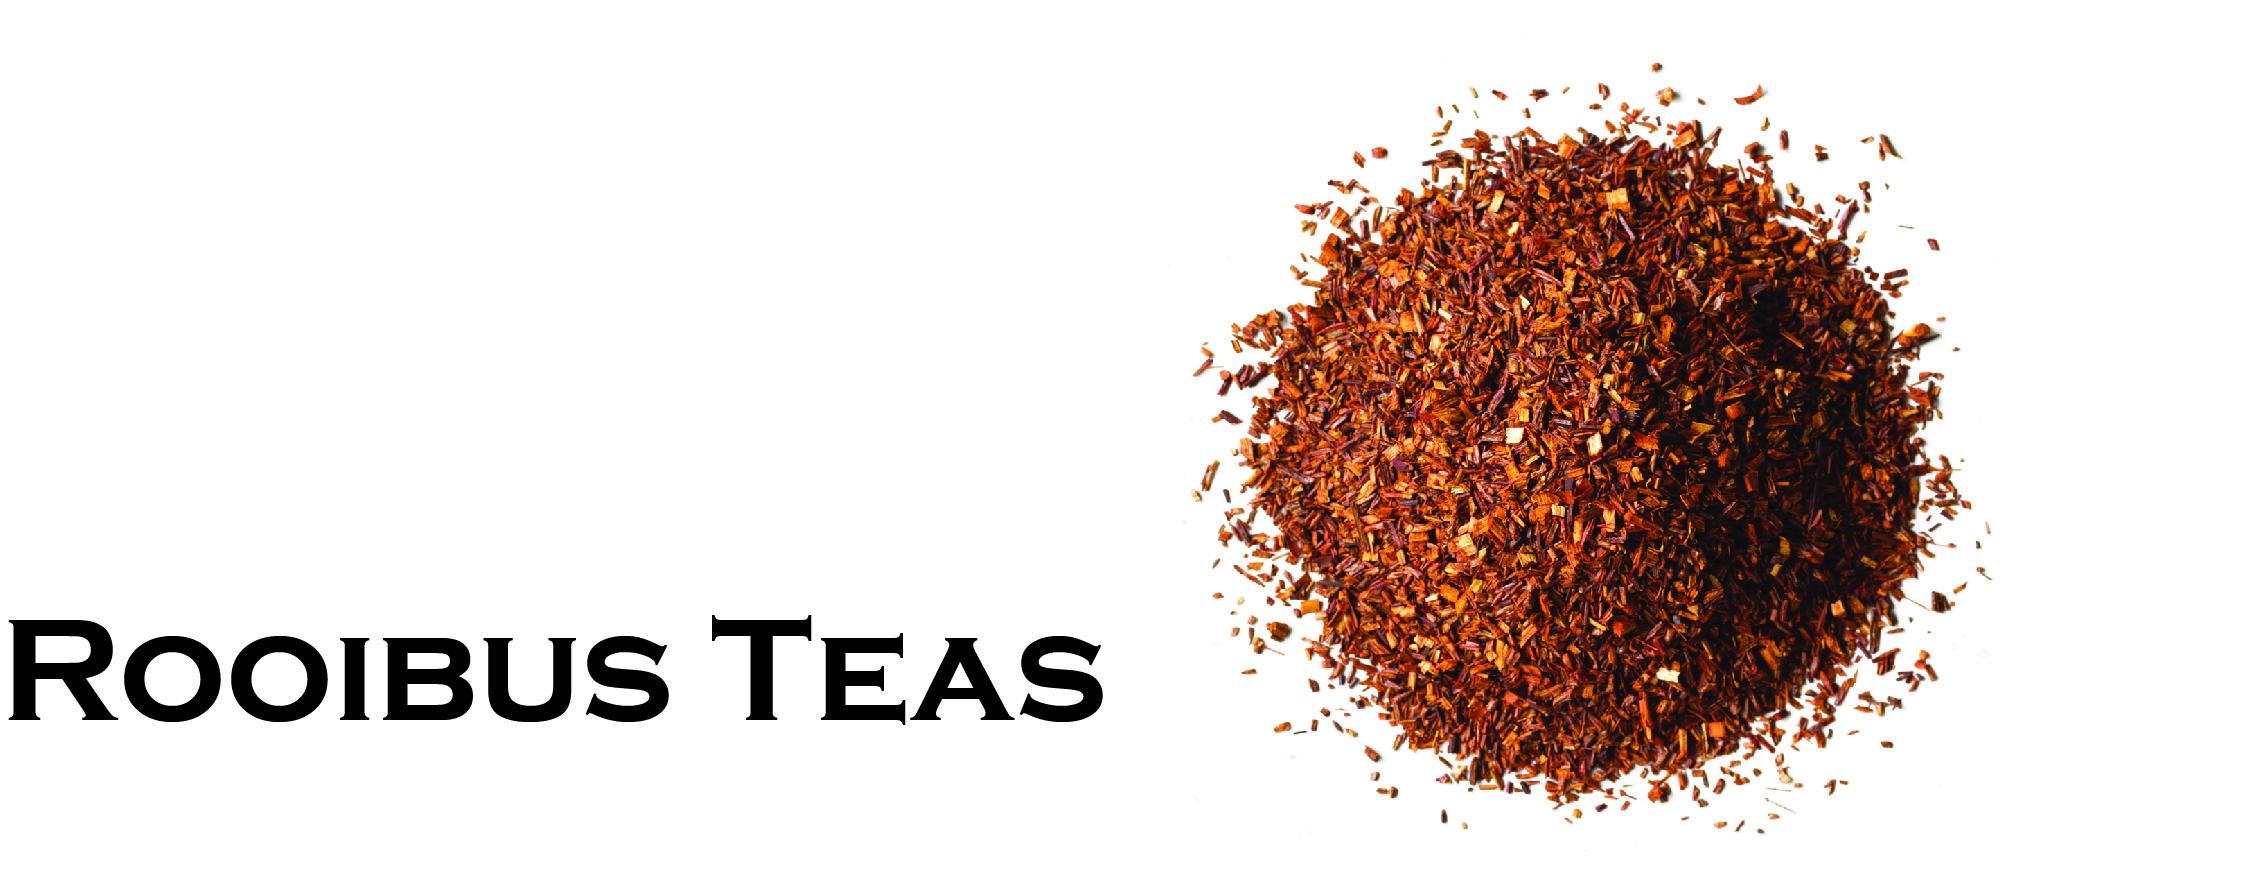 Cuban Brothers Premium Rooibus Tea